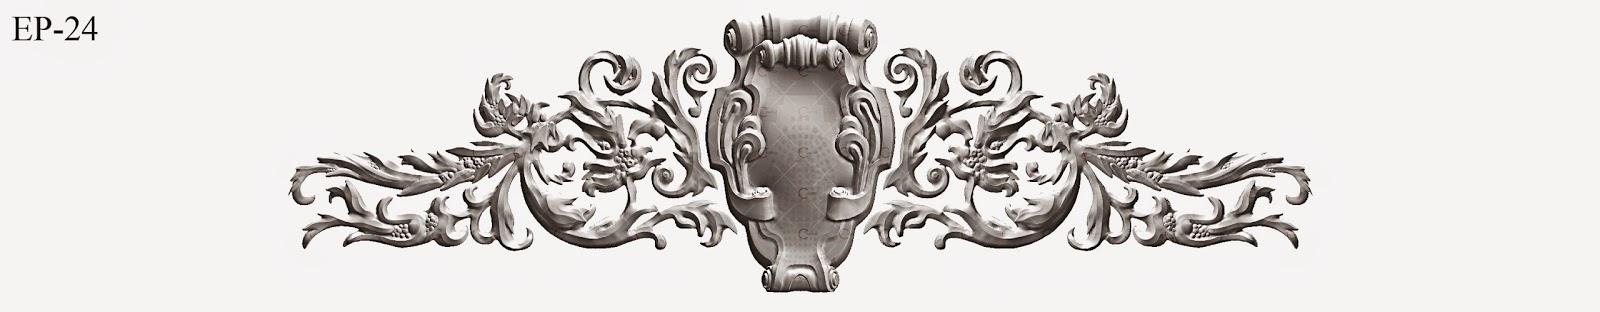 decoratiuni pentru casa, elemente decorative pentru fatade